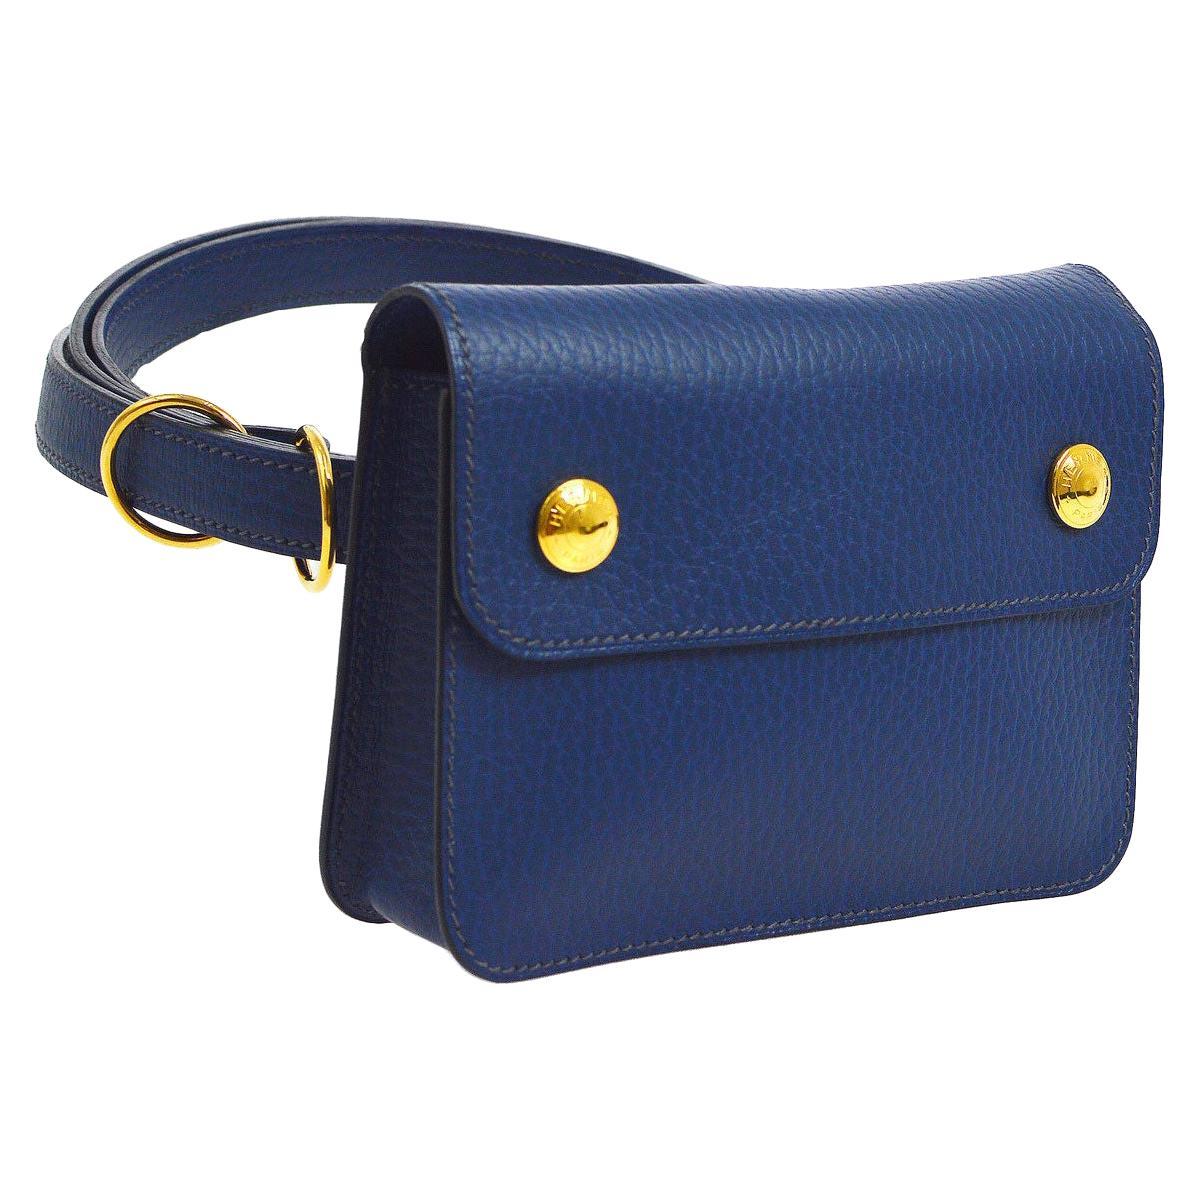 595f320d9 Vintage and Designer Belts - 1,300 For Sale at 1stdibs